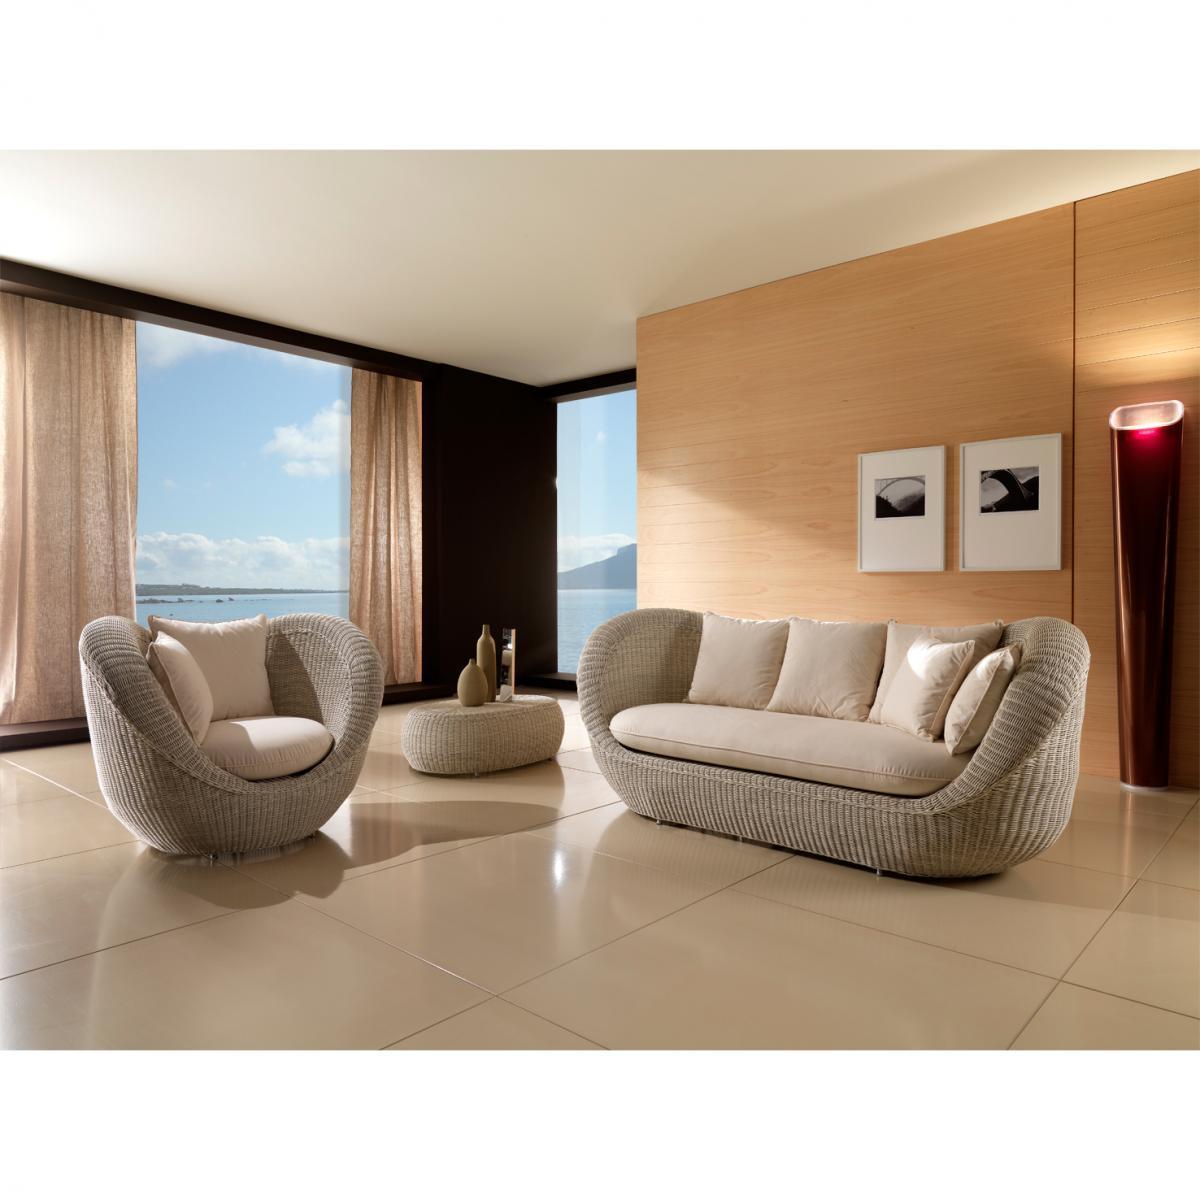 Лаунж-кресло плетеное с подушкой Movida